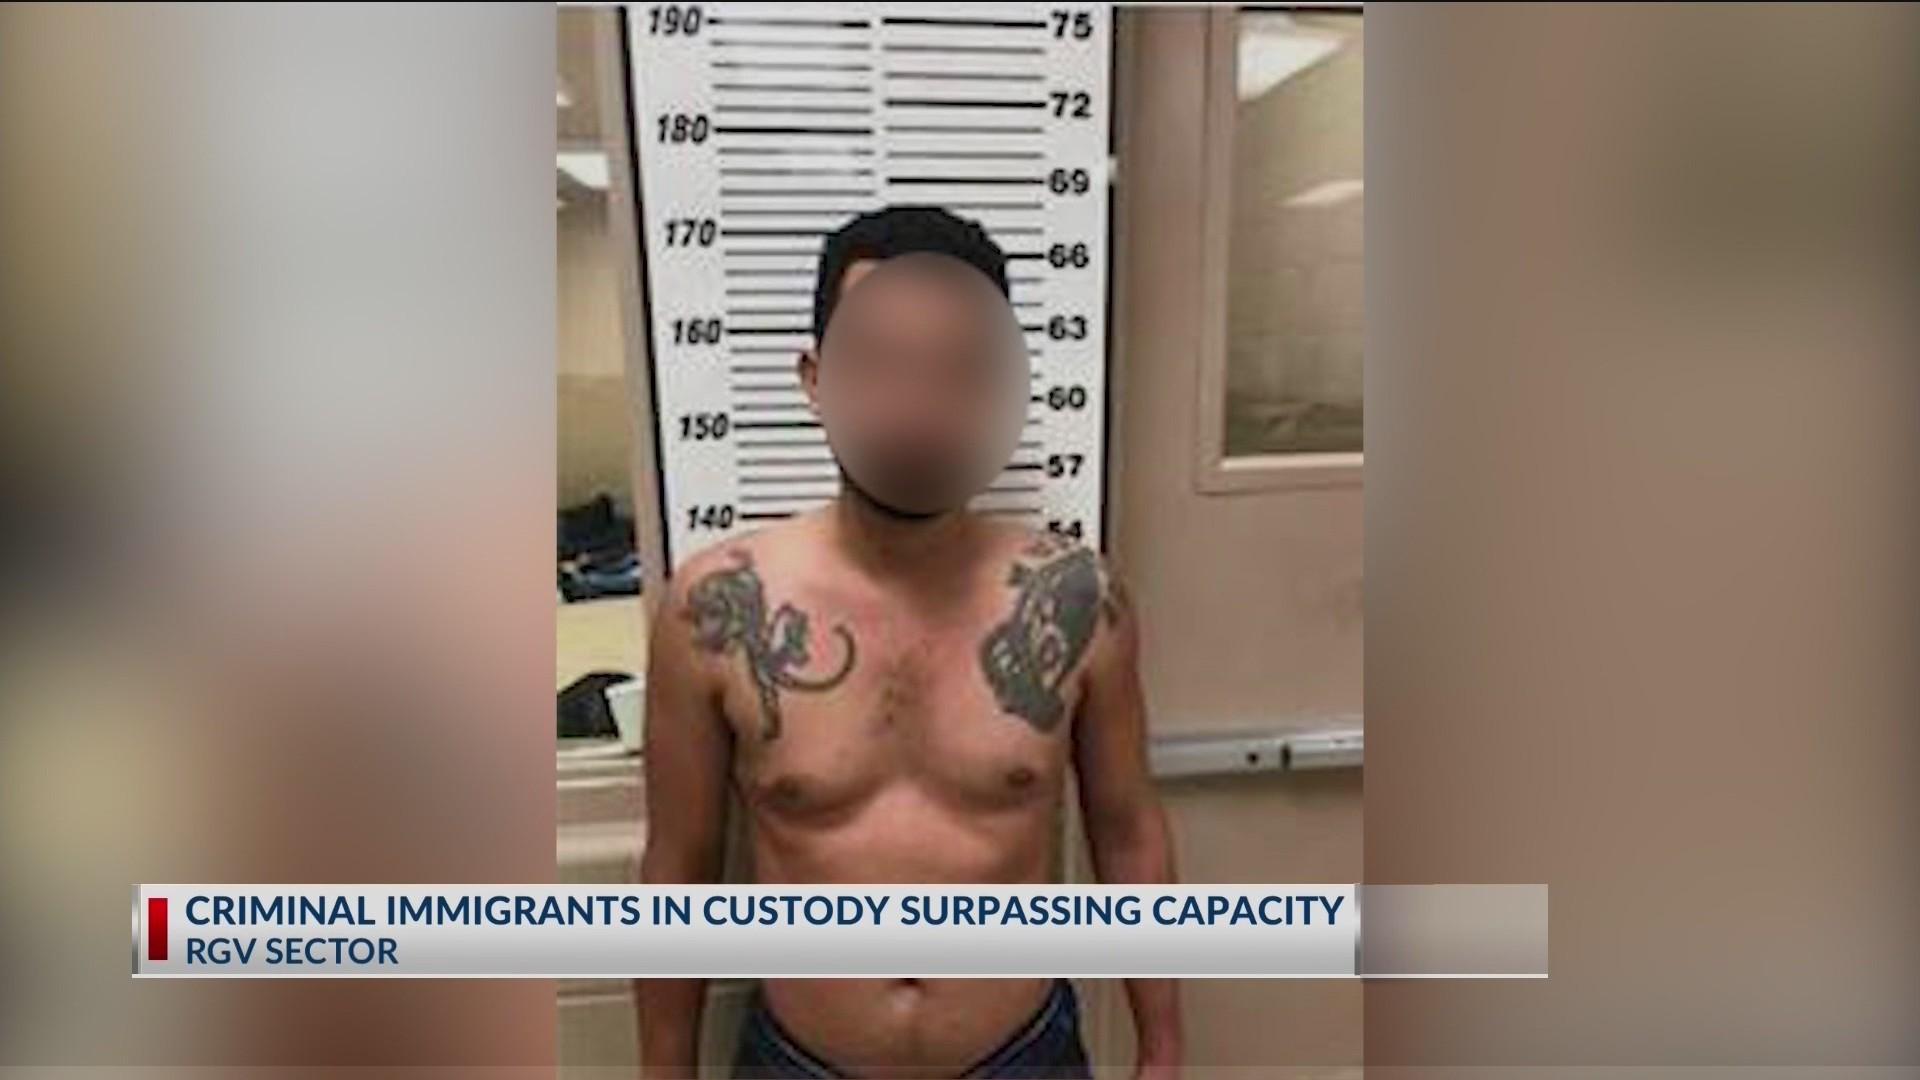 Criminal_immigrants_in_custody_surpassin_0_20190611032501